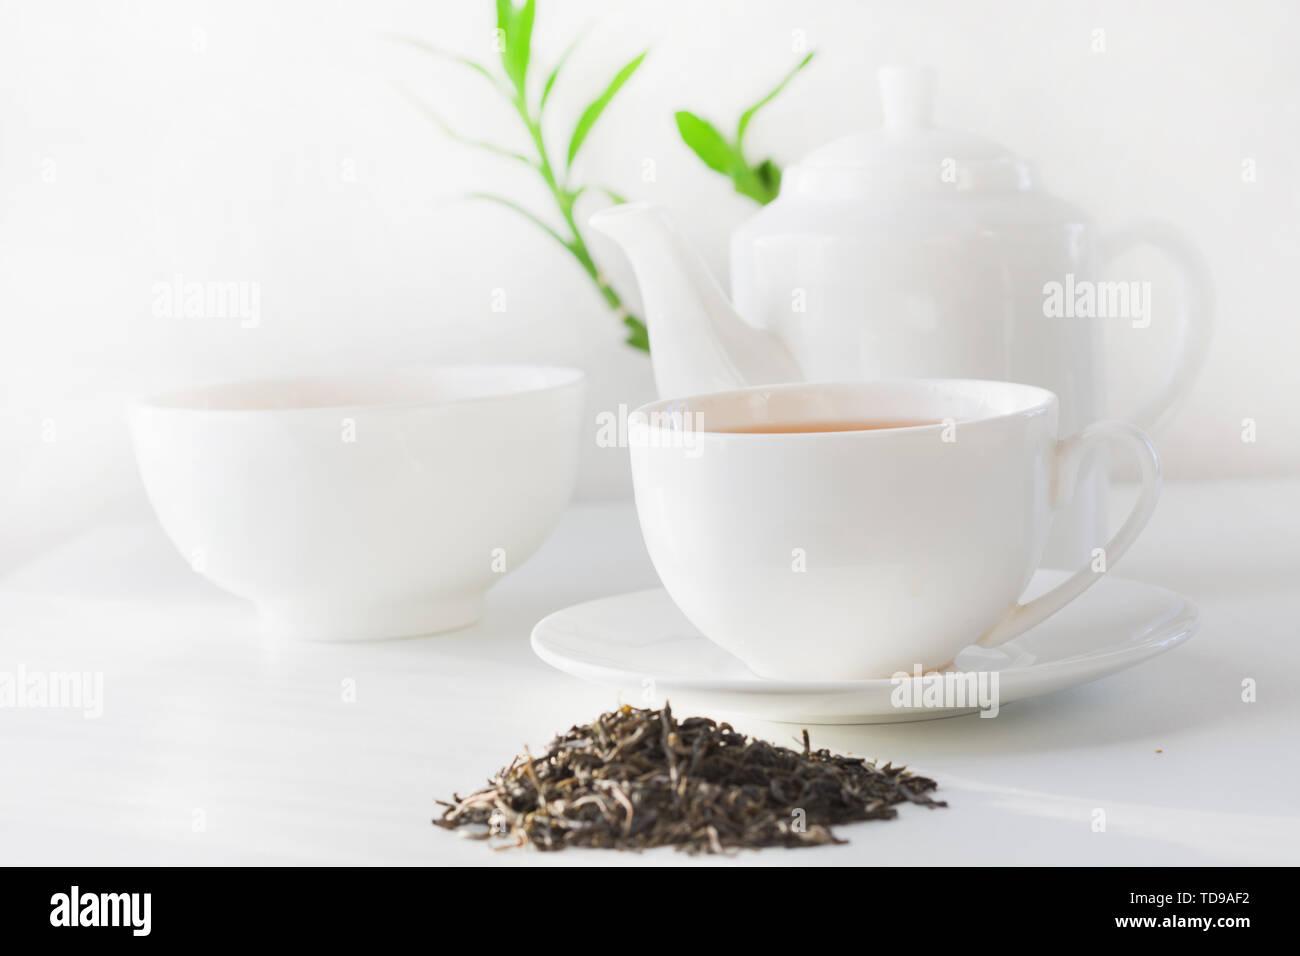 Noch immer leben Tasse grünen Tee, Teekanne mit grüner Tee trockene Blätter auf Weiß. Teatime. Stockbild